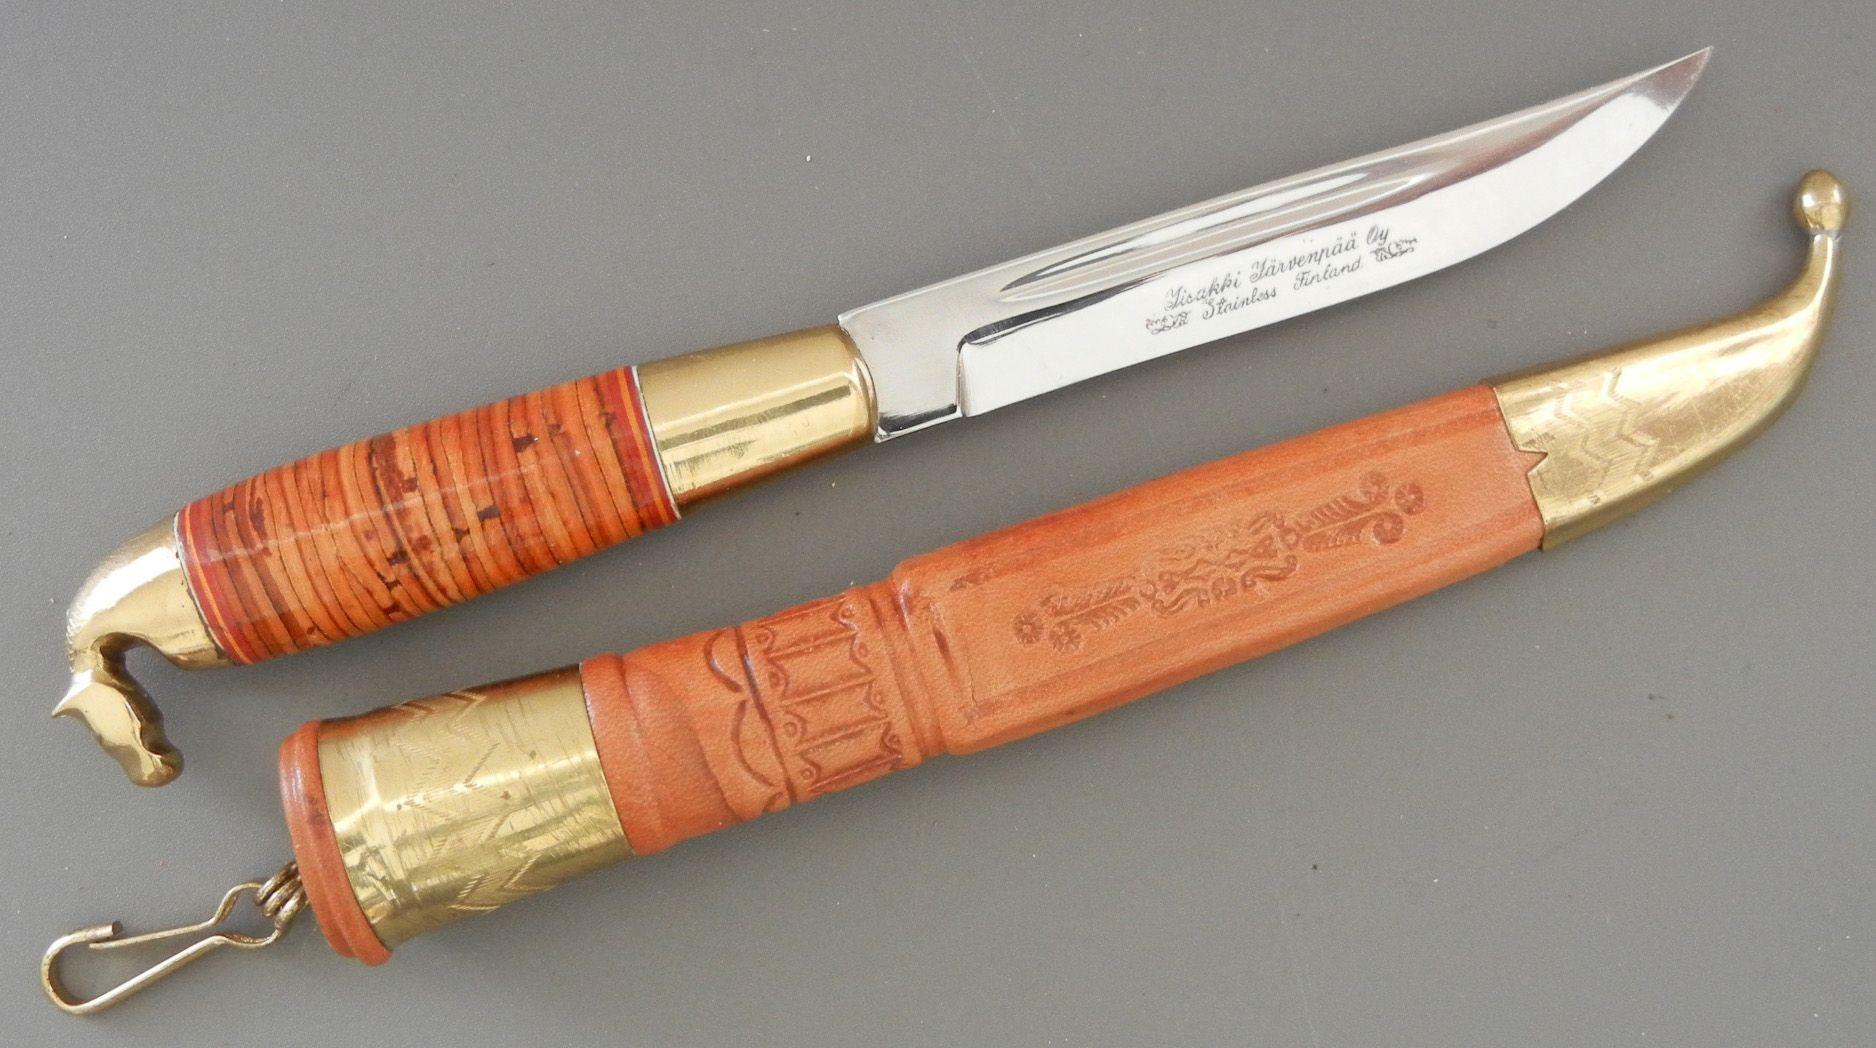 Iisakki Järvenpää puukko with solid brass horsehead pommel. Stacked birch bark handle. This is a traditional Kauhava style puukko.